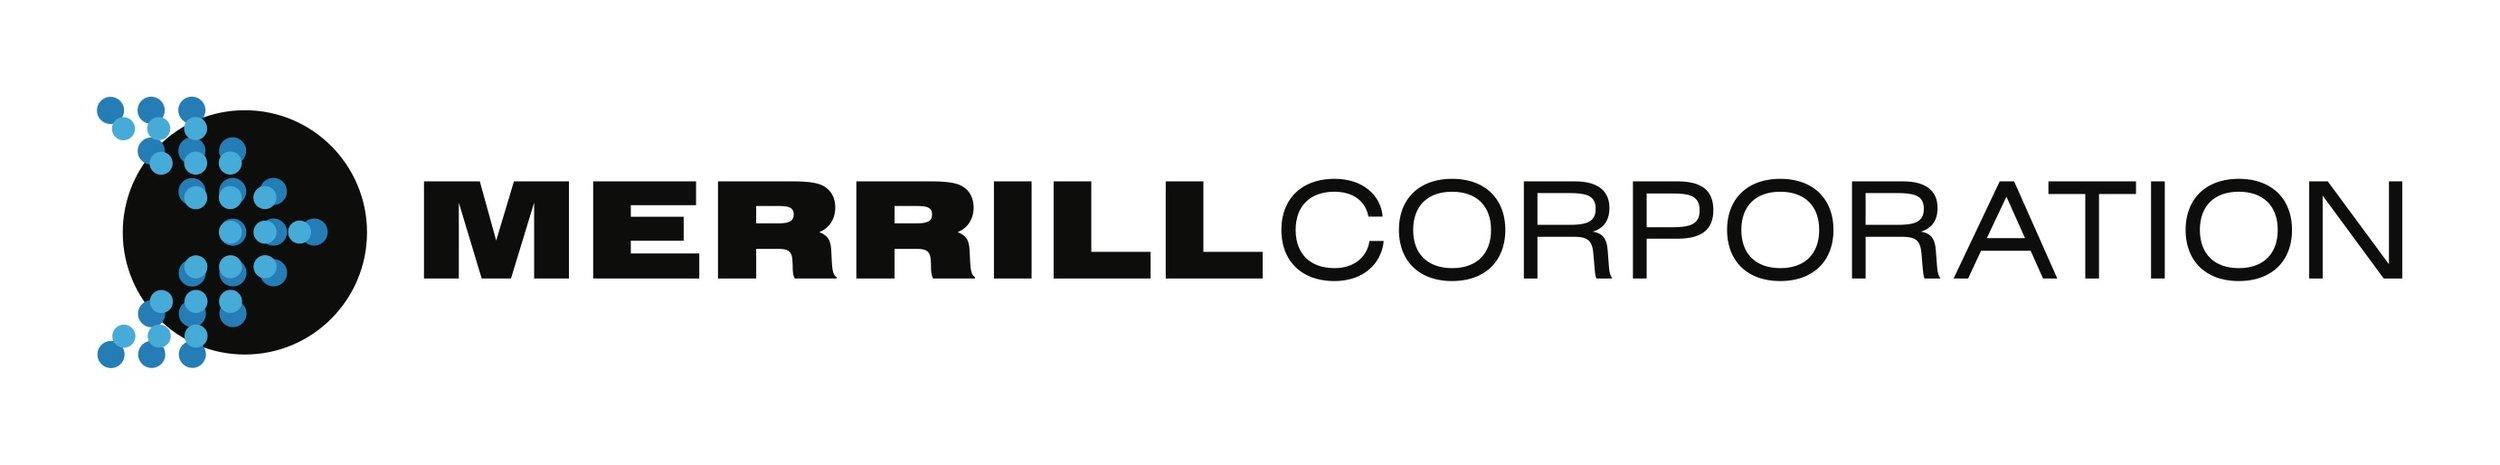 mc_logo_hz_lkp_4C (3).jpg